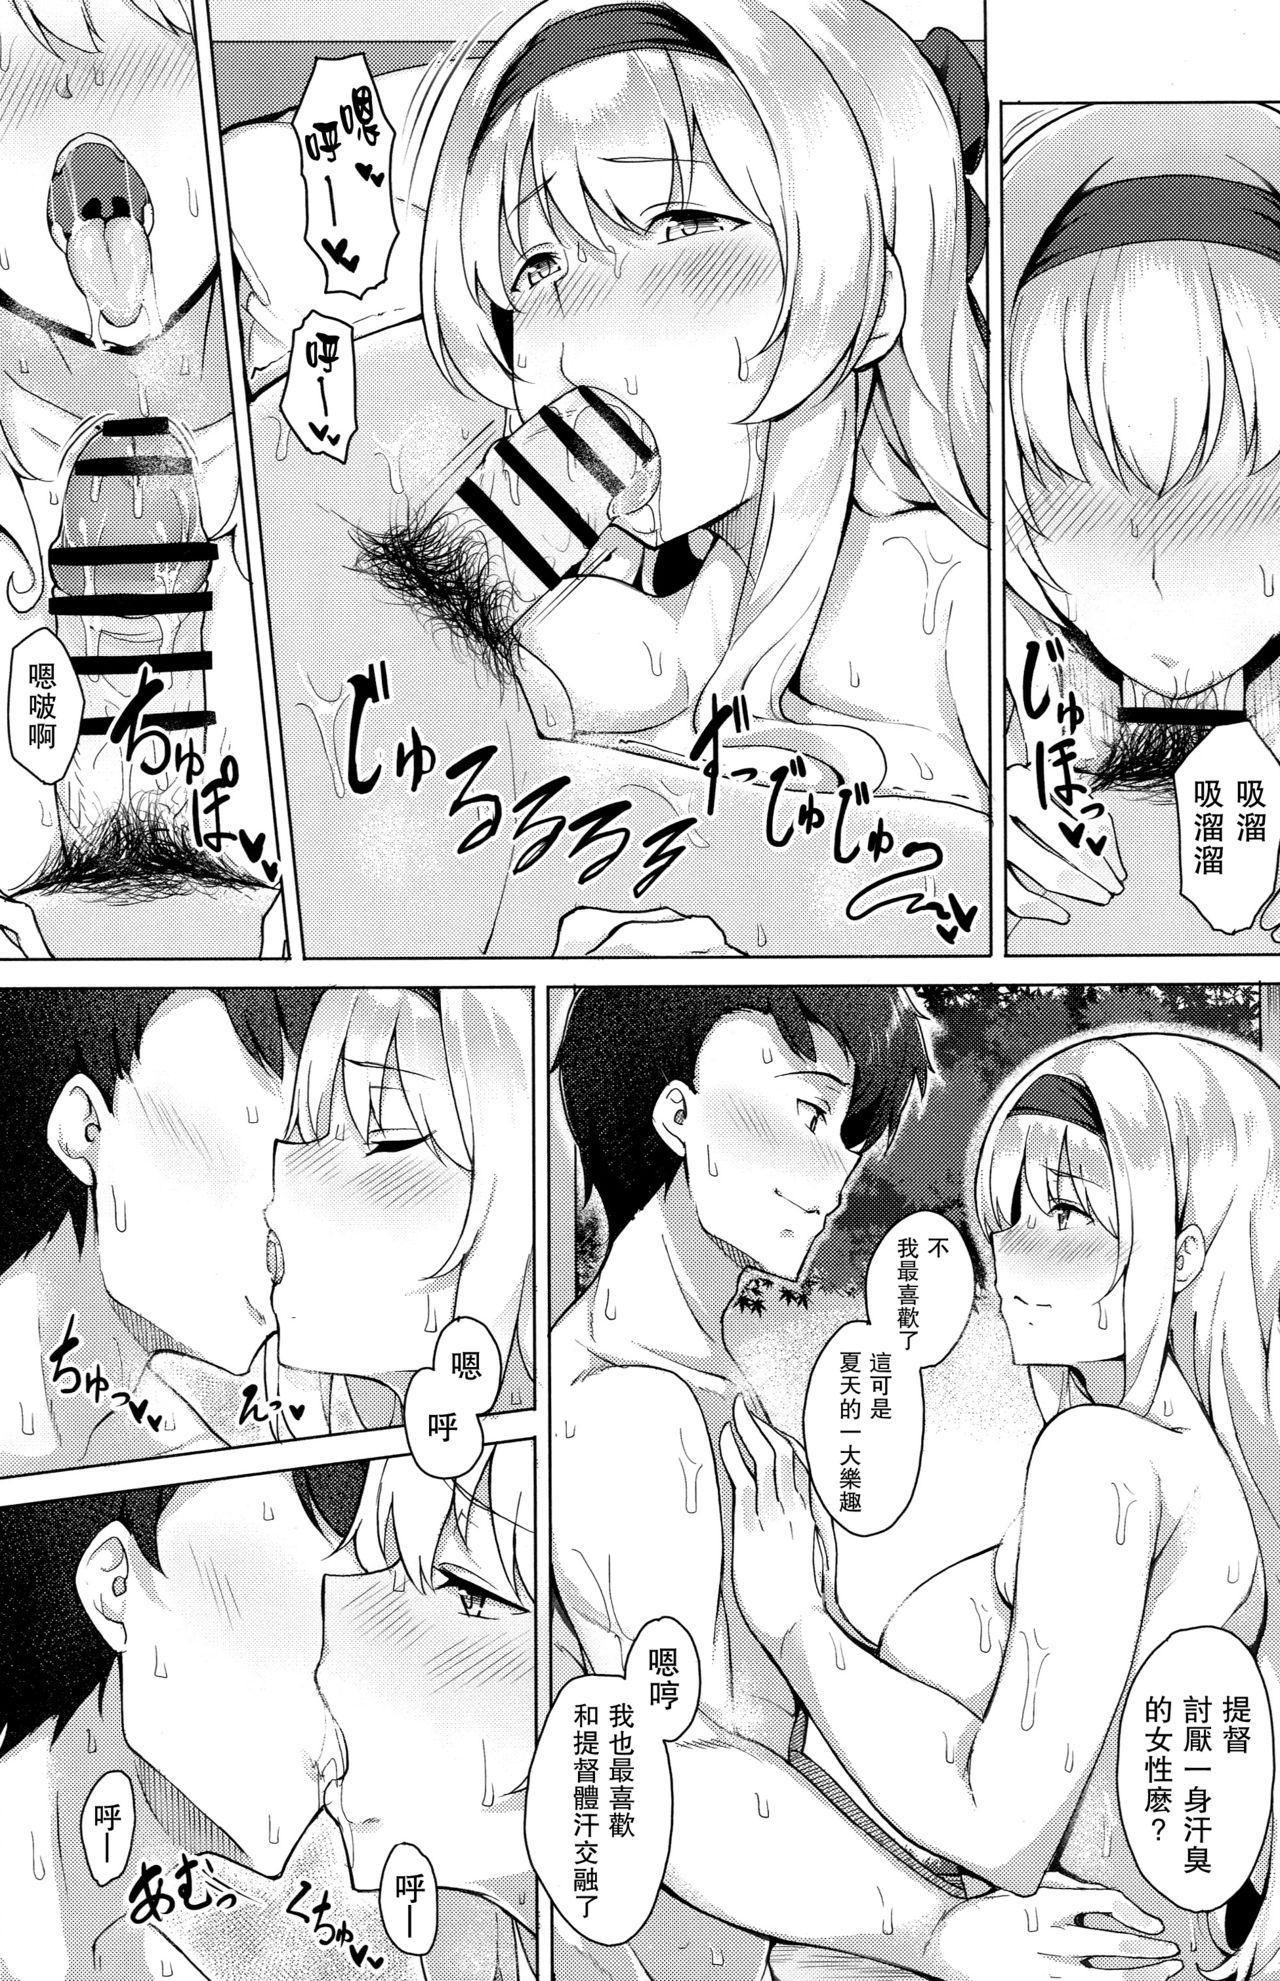 Taiekigo no Shoukaku to 5